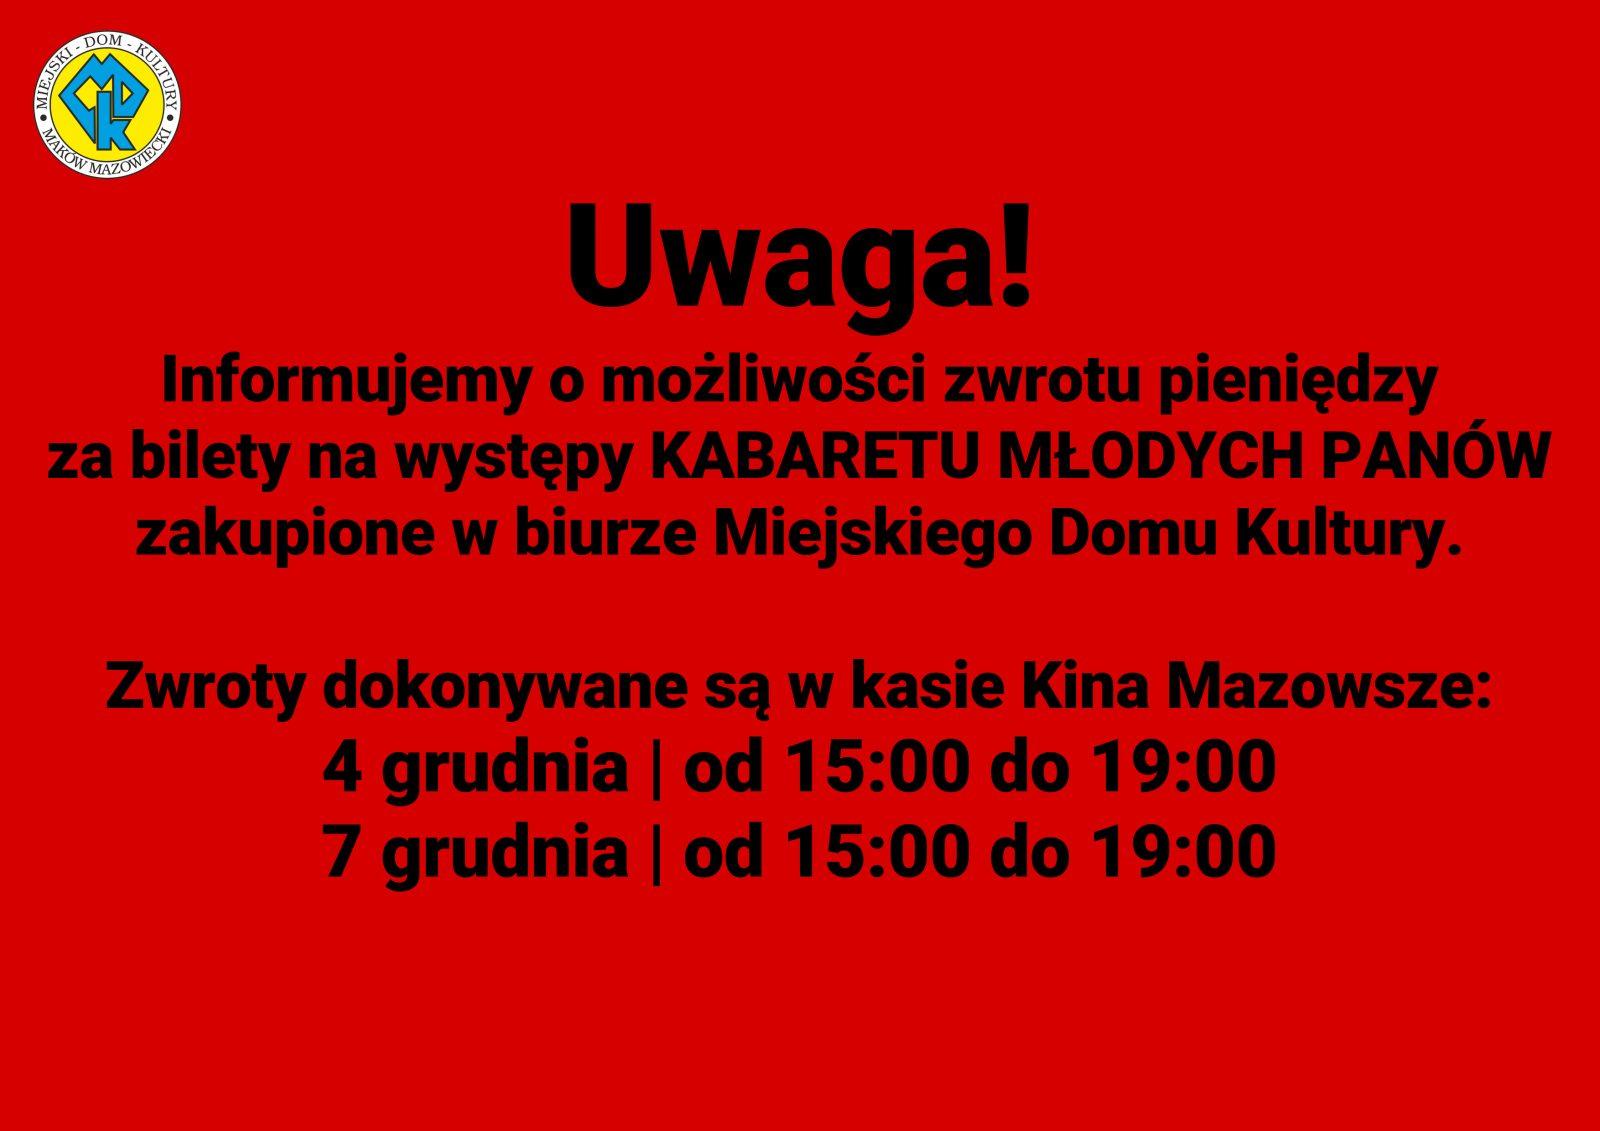 Grafika. Na czerwonym tle informacja o terminach i możliwości zwrotu biletów zakupionych w biurze MDK na odwołany występ Kabaret Młodych Panów.